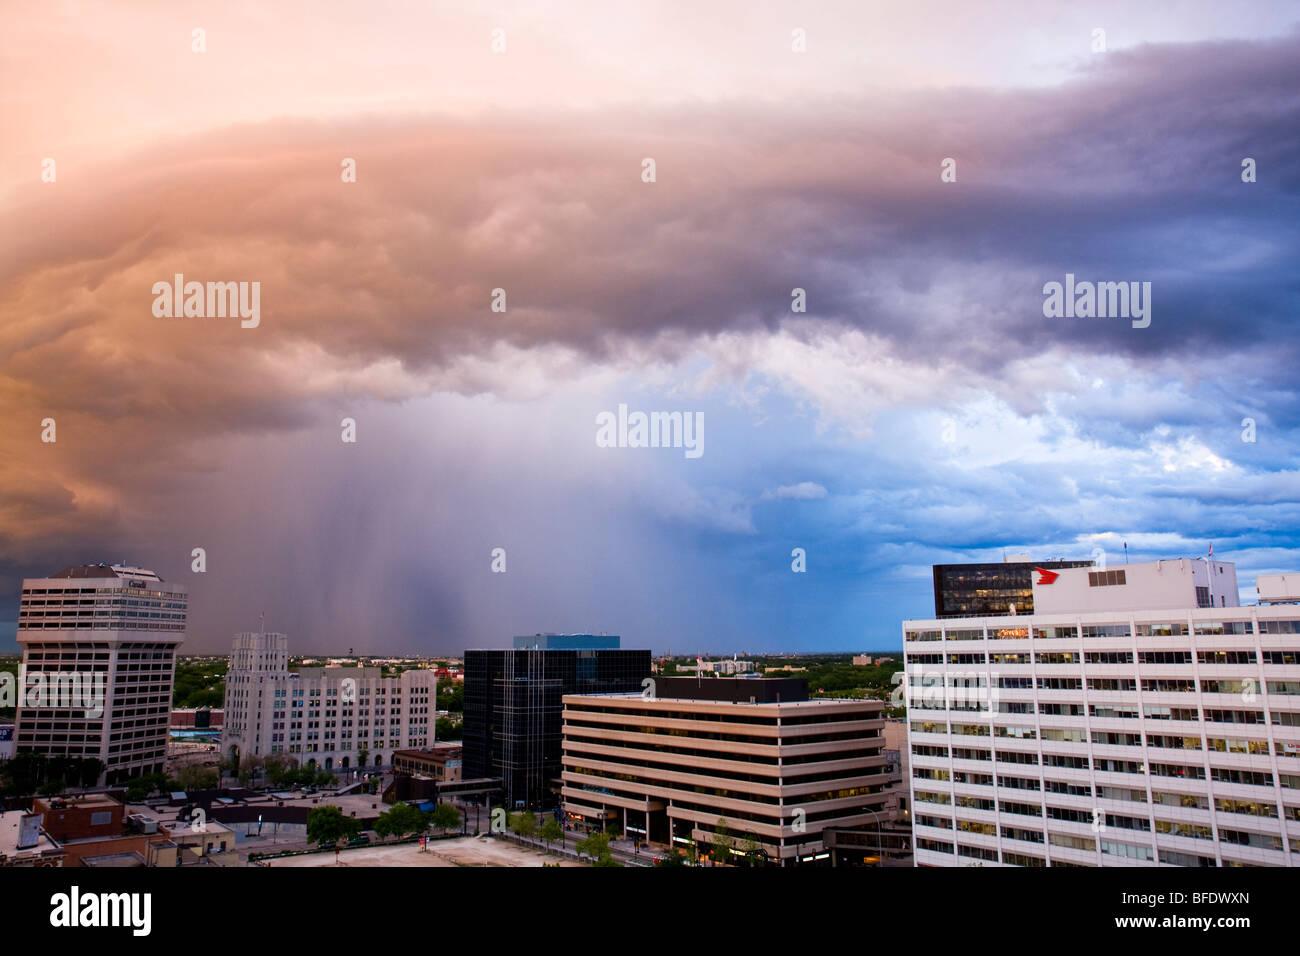 La formation de nuages colorés au coucher du soleil sur la ville de Winnipeg au Manitoba, Canada Photo Stock